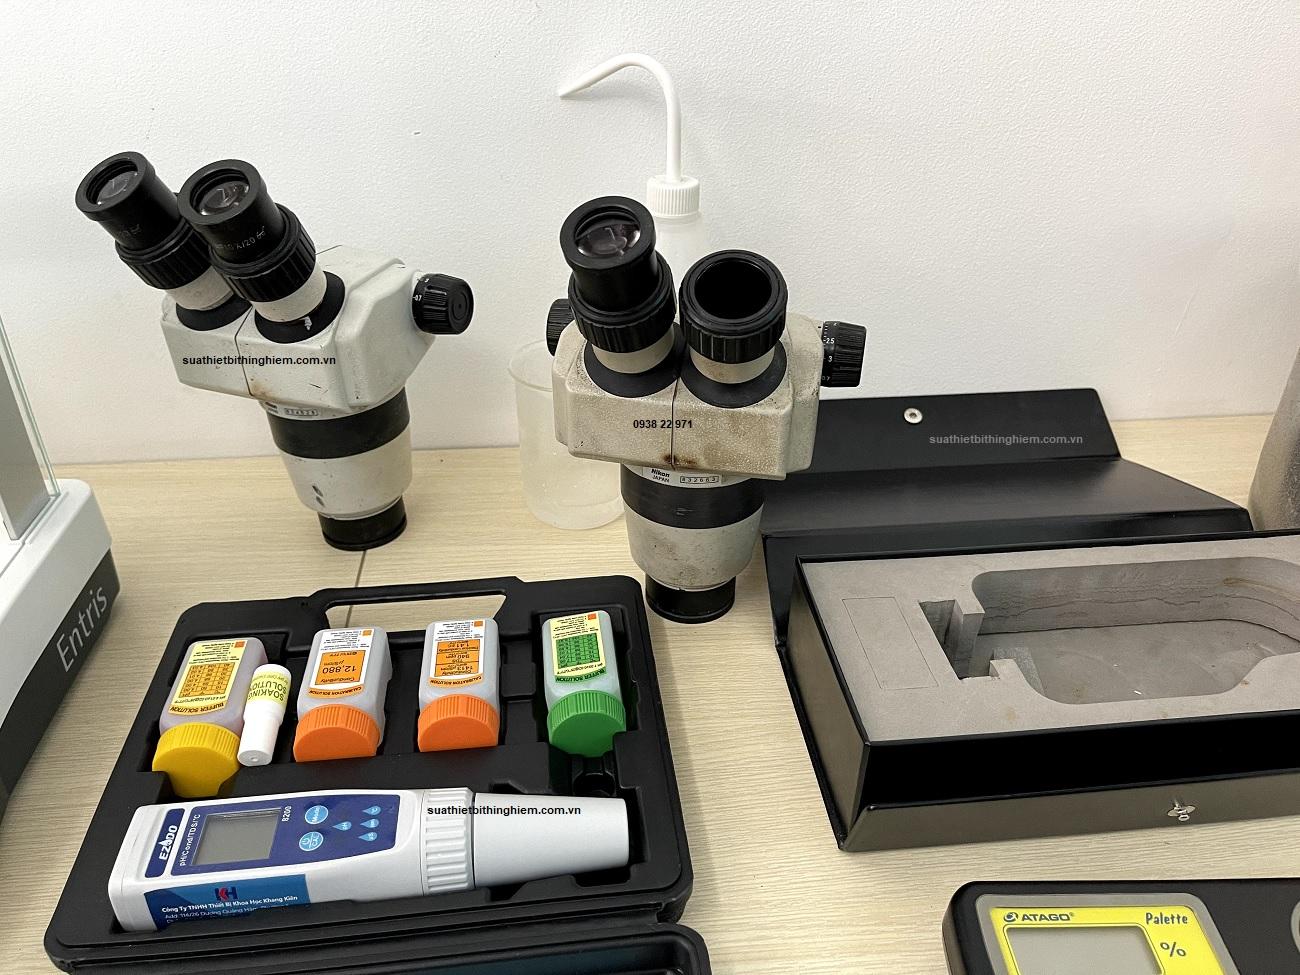 Bảo trì kính hiển vi soi nổi Nikon